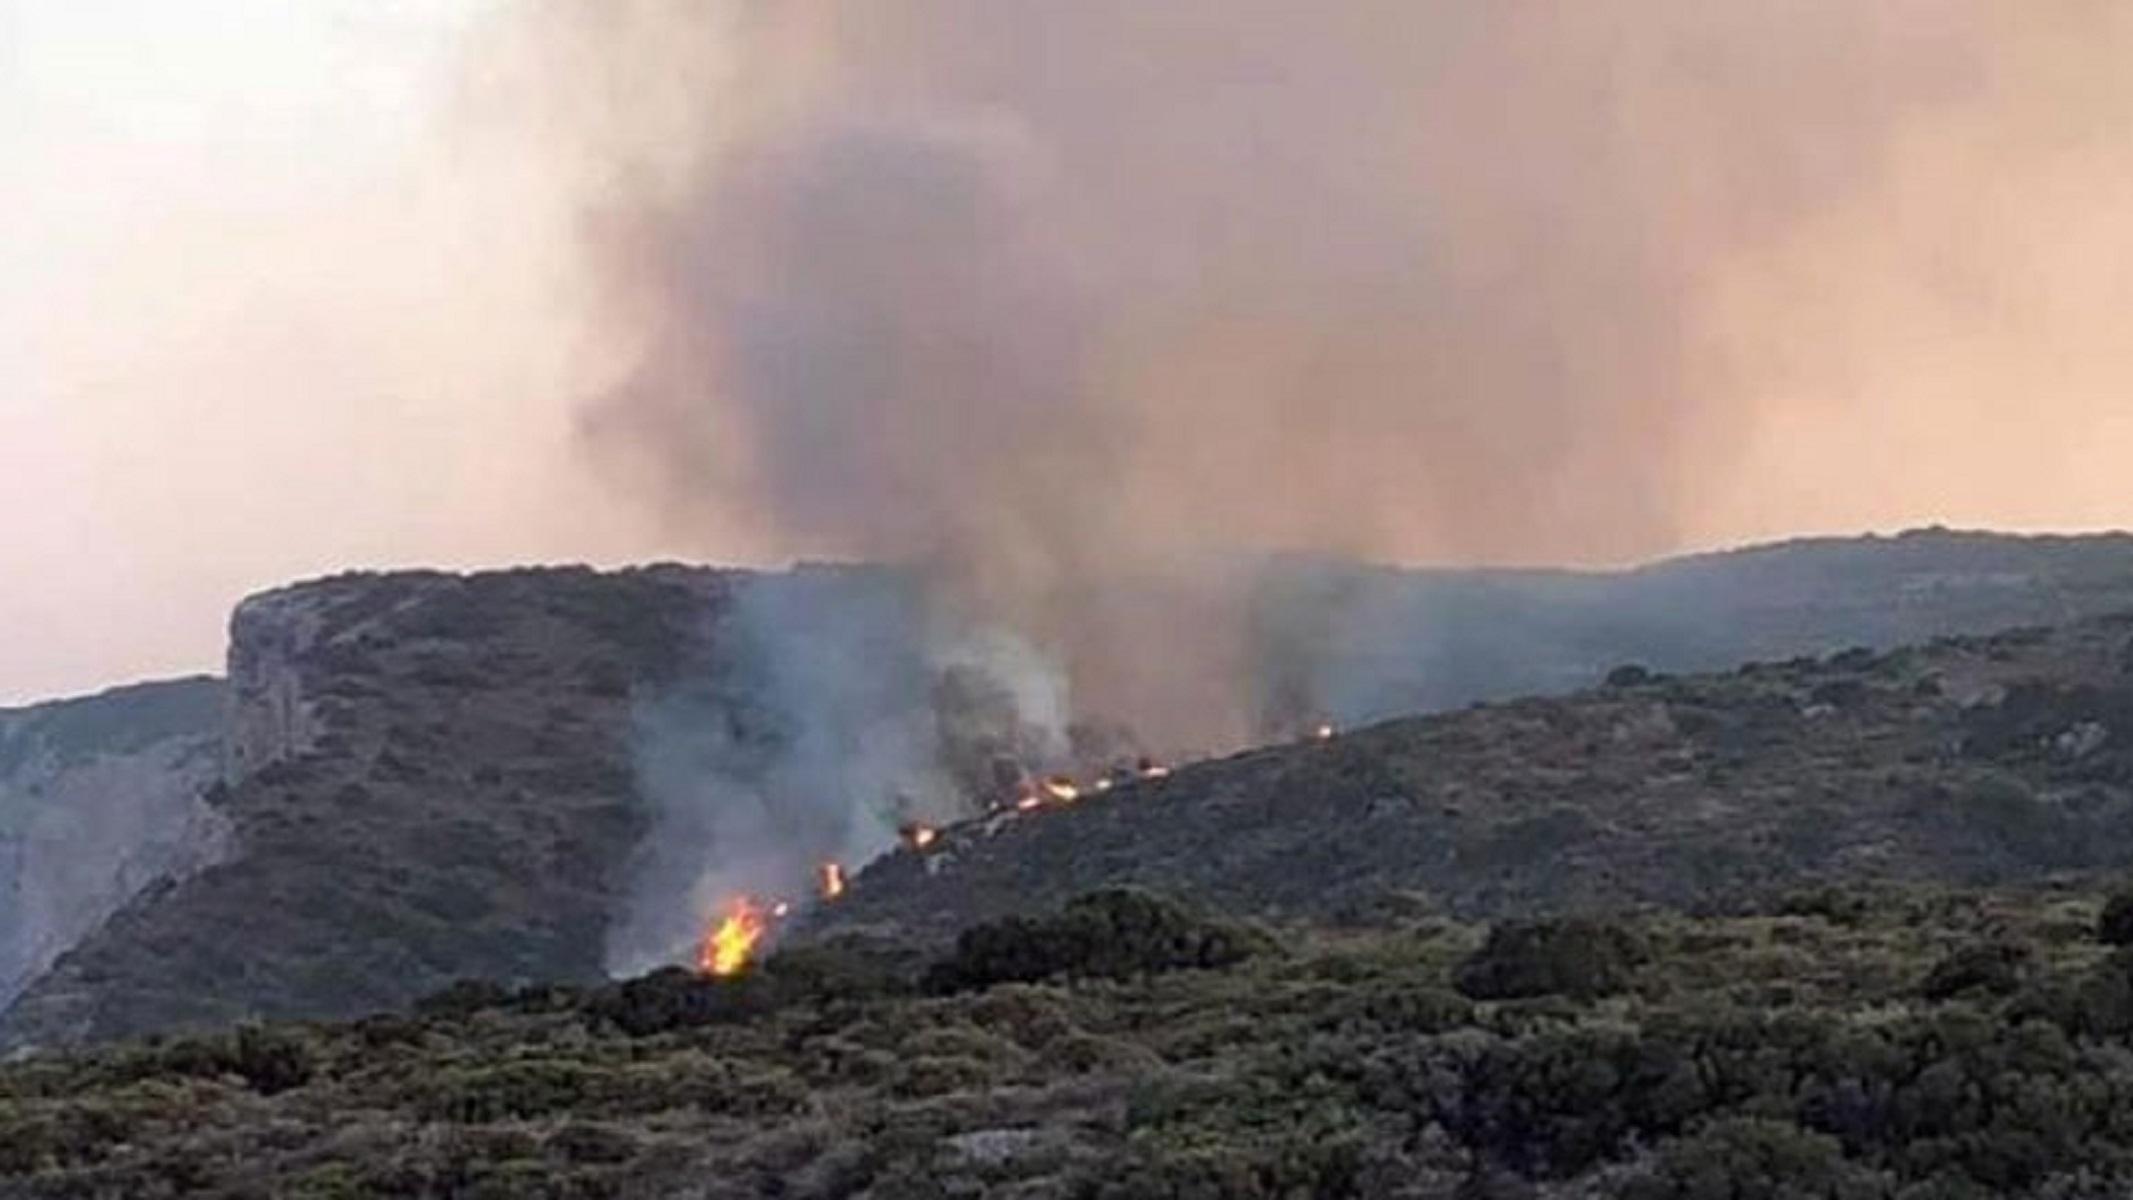 Ανοίγουν και πάλι οι δικογραφίας για τις φωτιές σε Κύθηρα-Μάνη